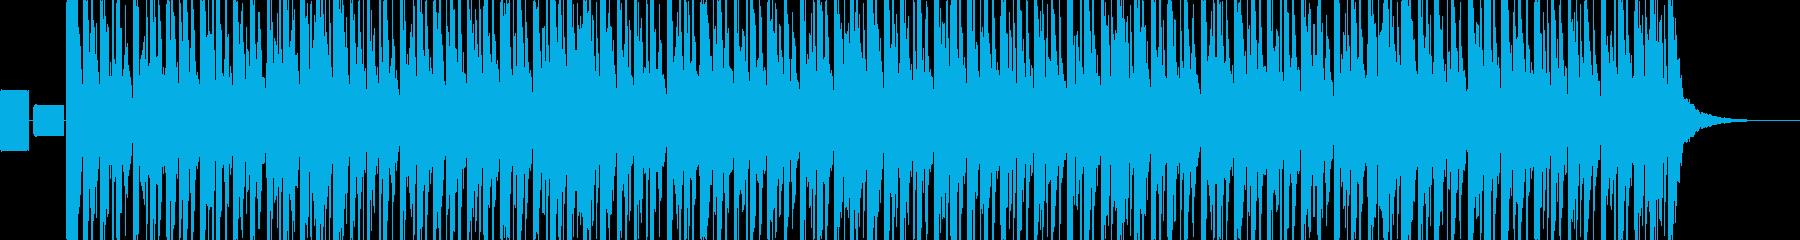 はっちゃけたサンバのリズムの再生済みの波形